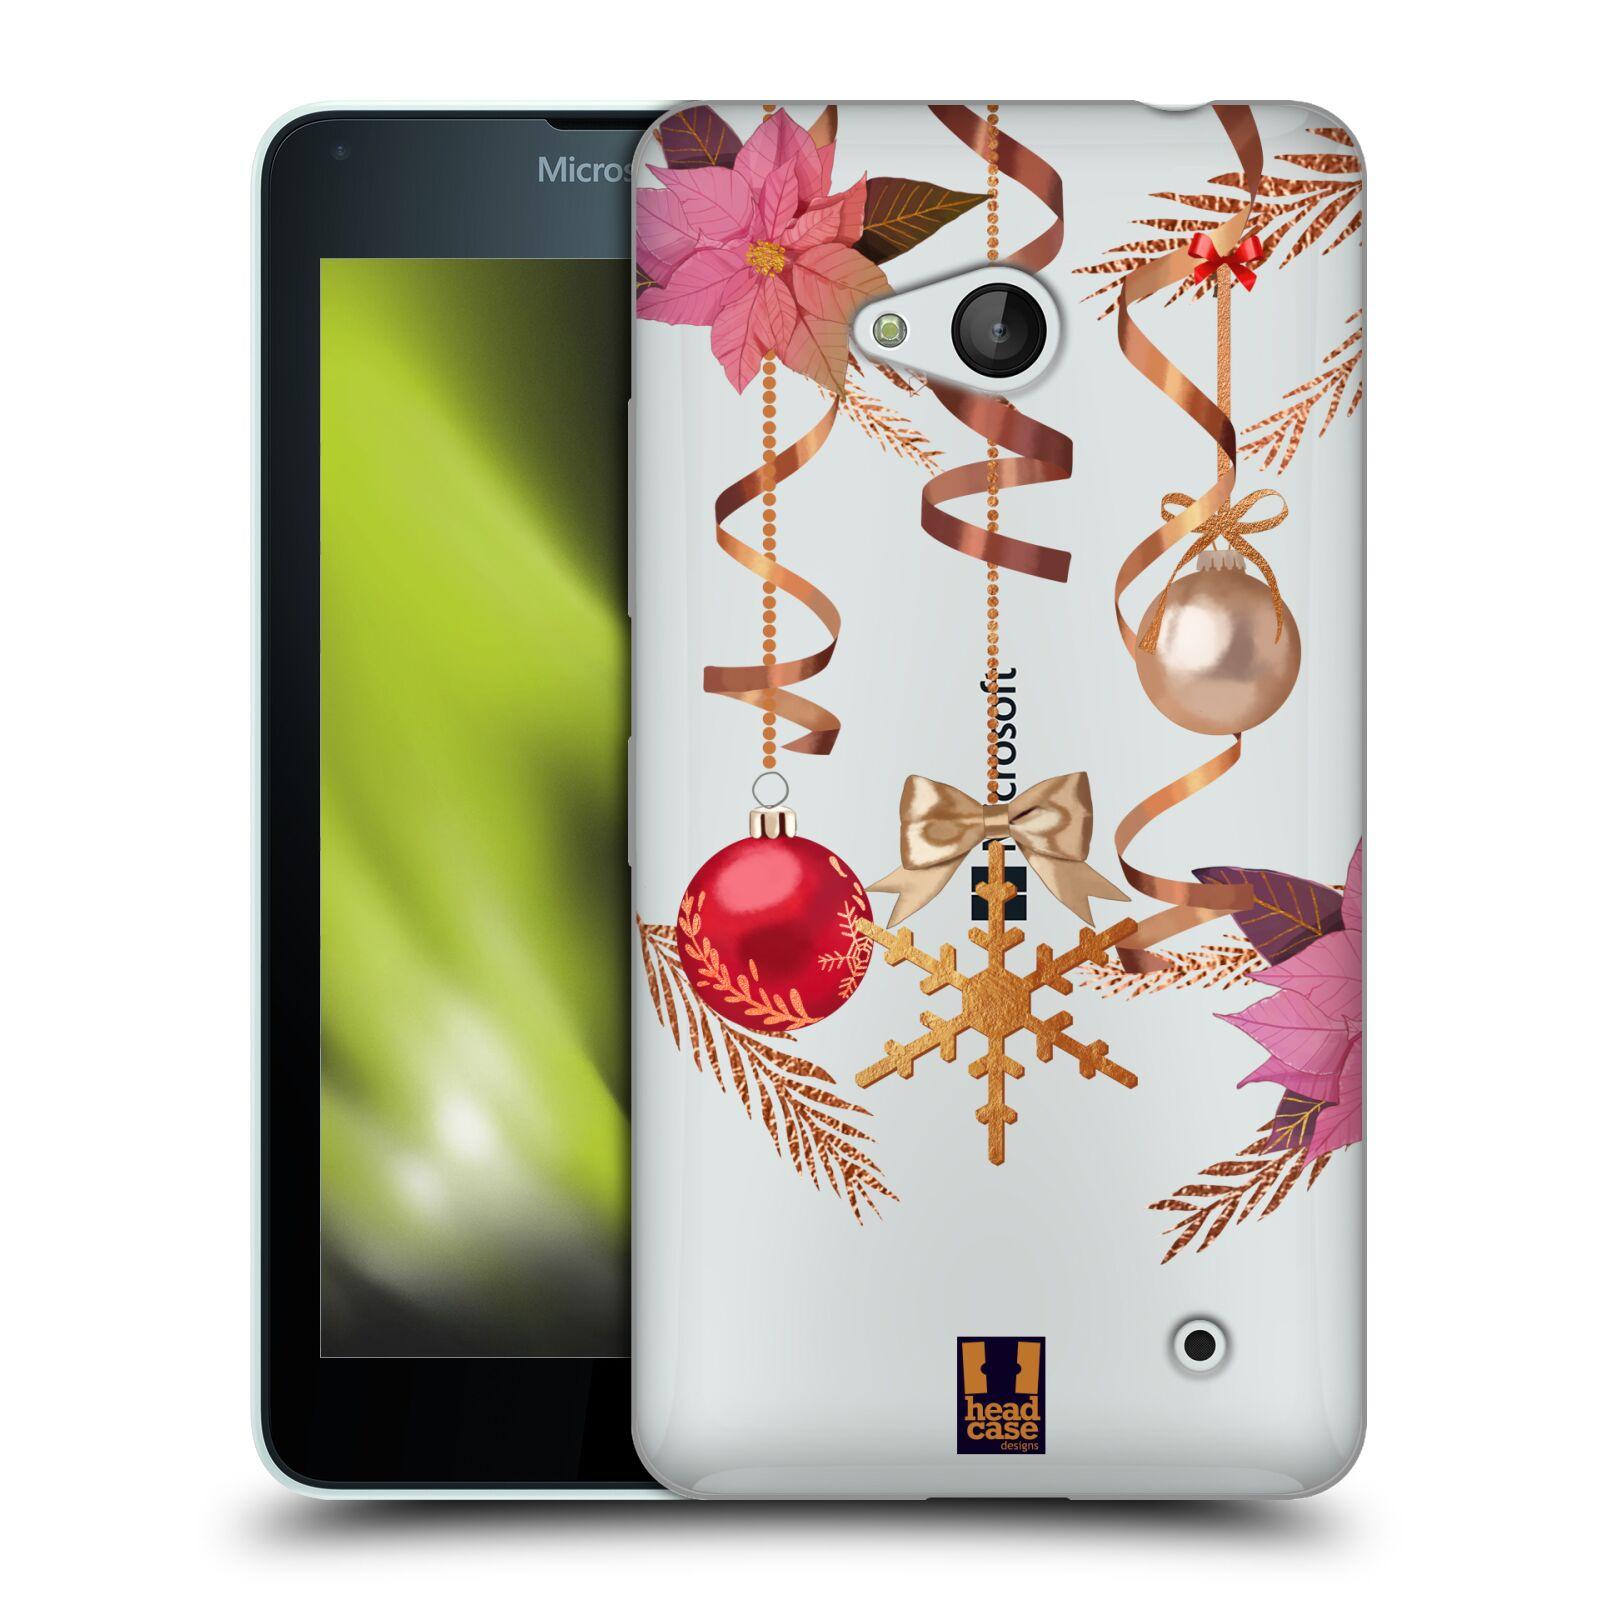 Silikonové pouzdro na mobil Microsoft Lumia 640 - Head Case - Vločka a vánoční ozdoby